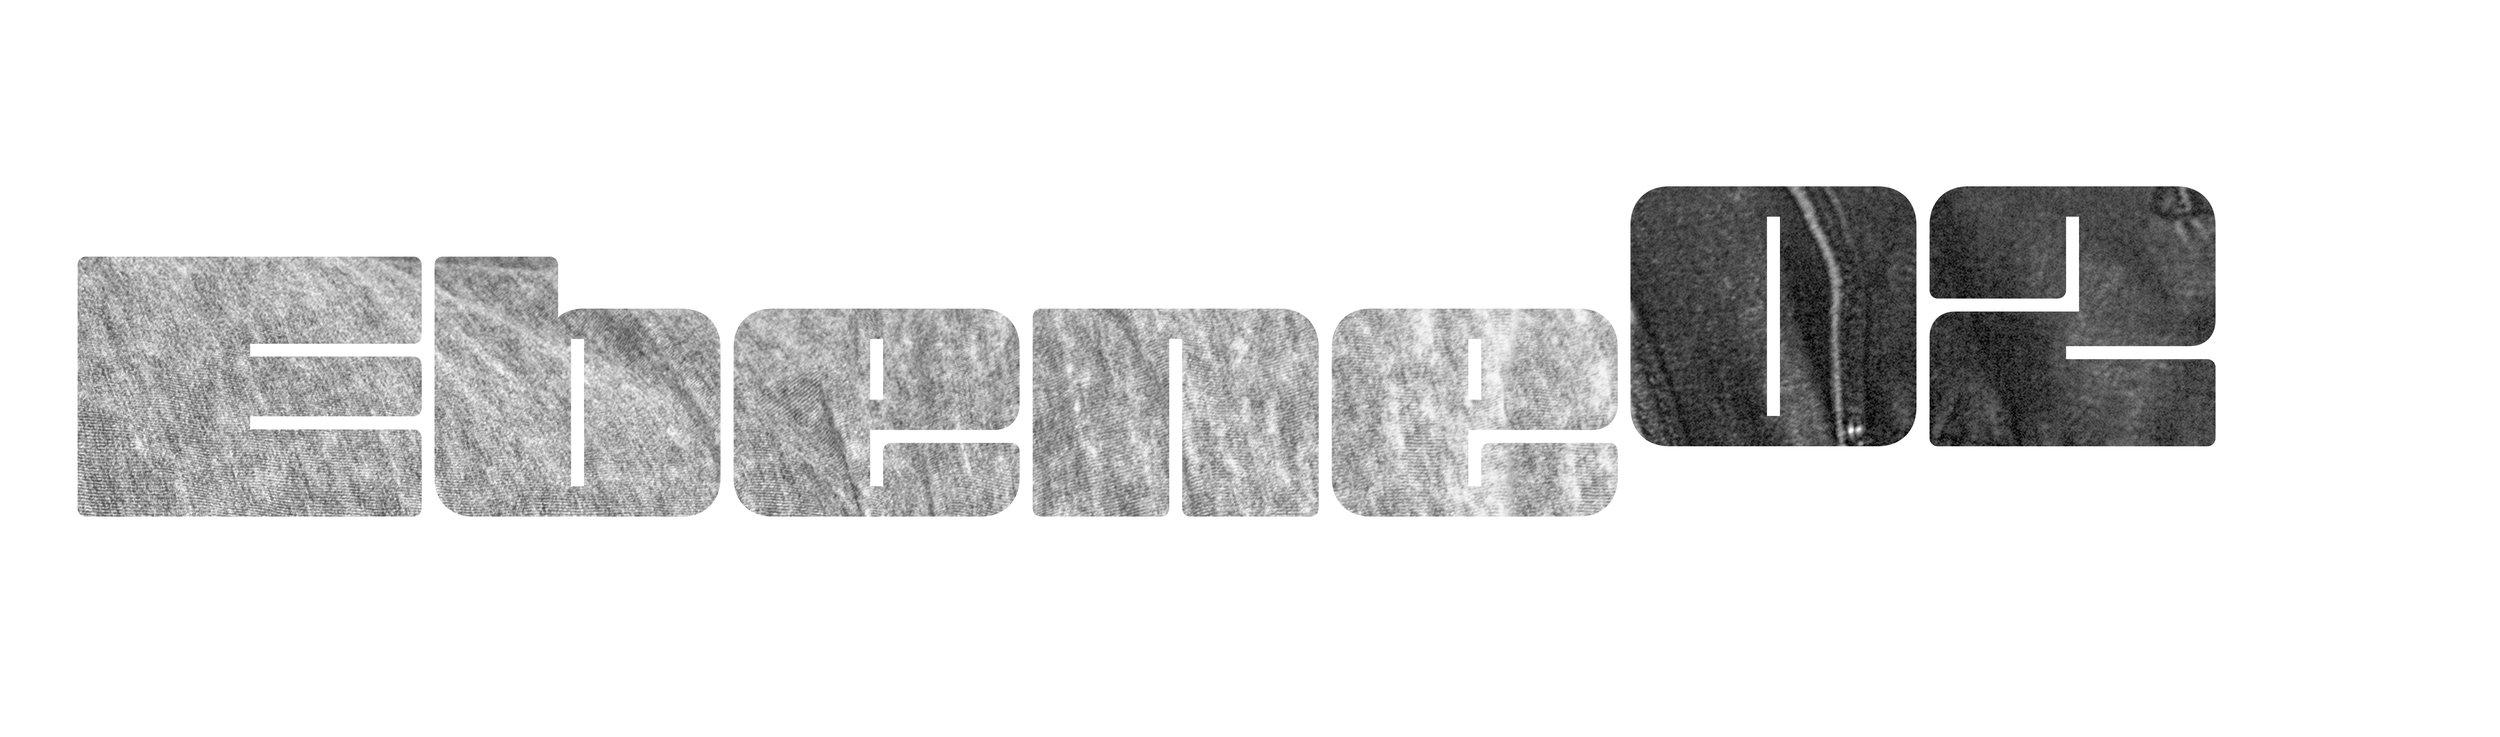 EBENE02